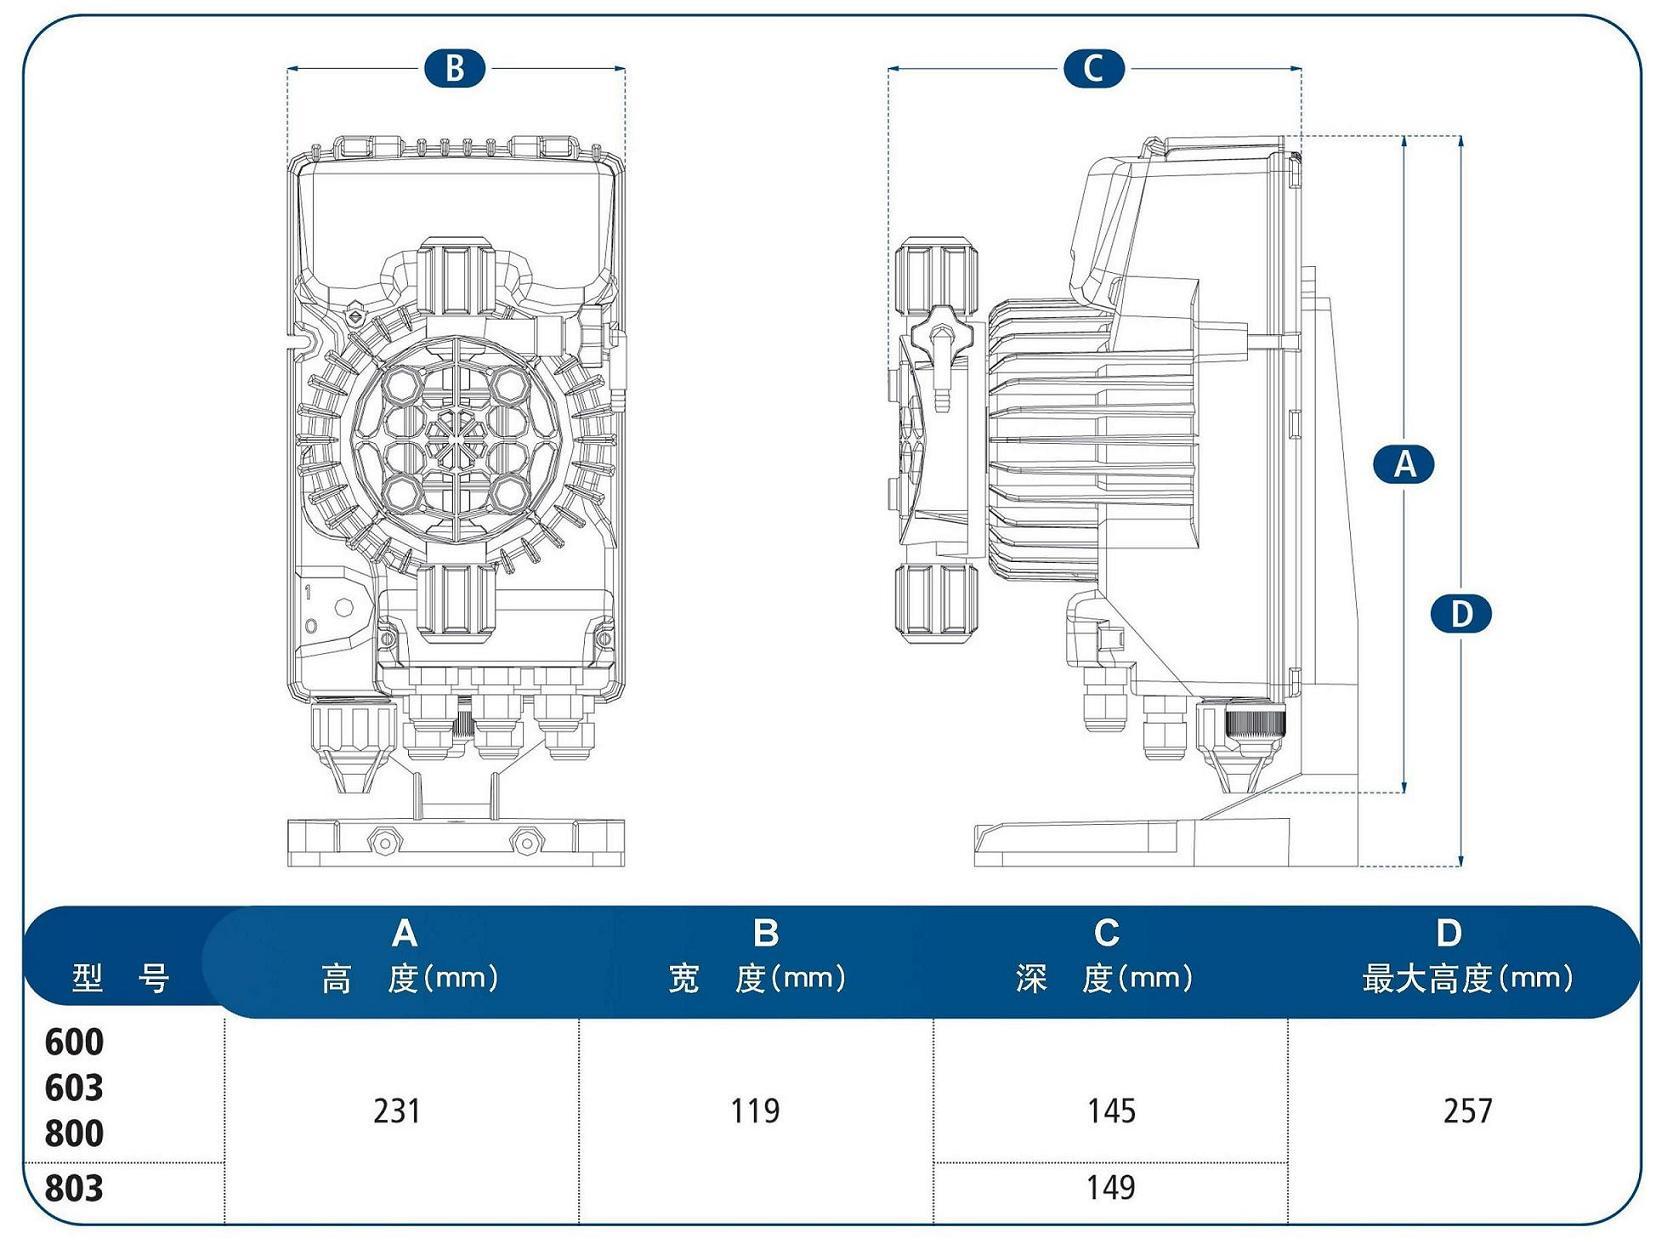 首页 产品目录 seko计量泵 >>>  电磁隔膜计量泵 仪表展览网 展馆展区